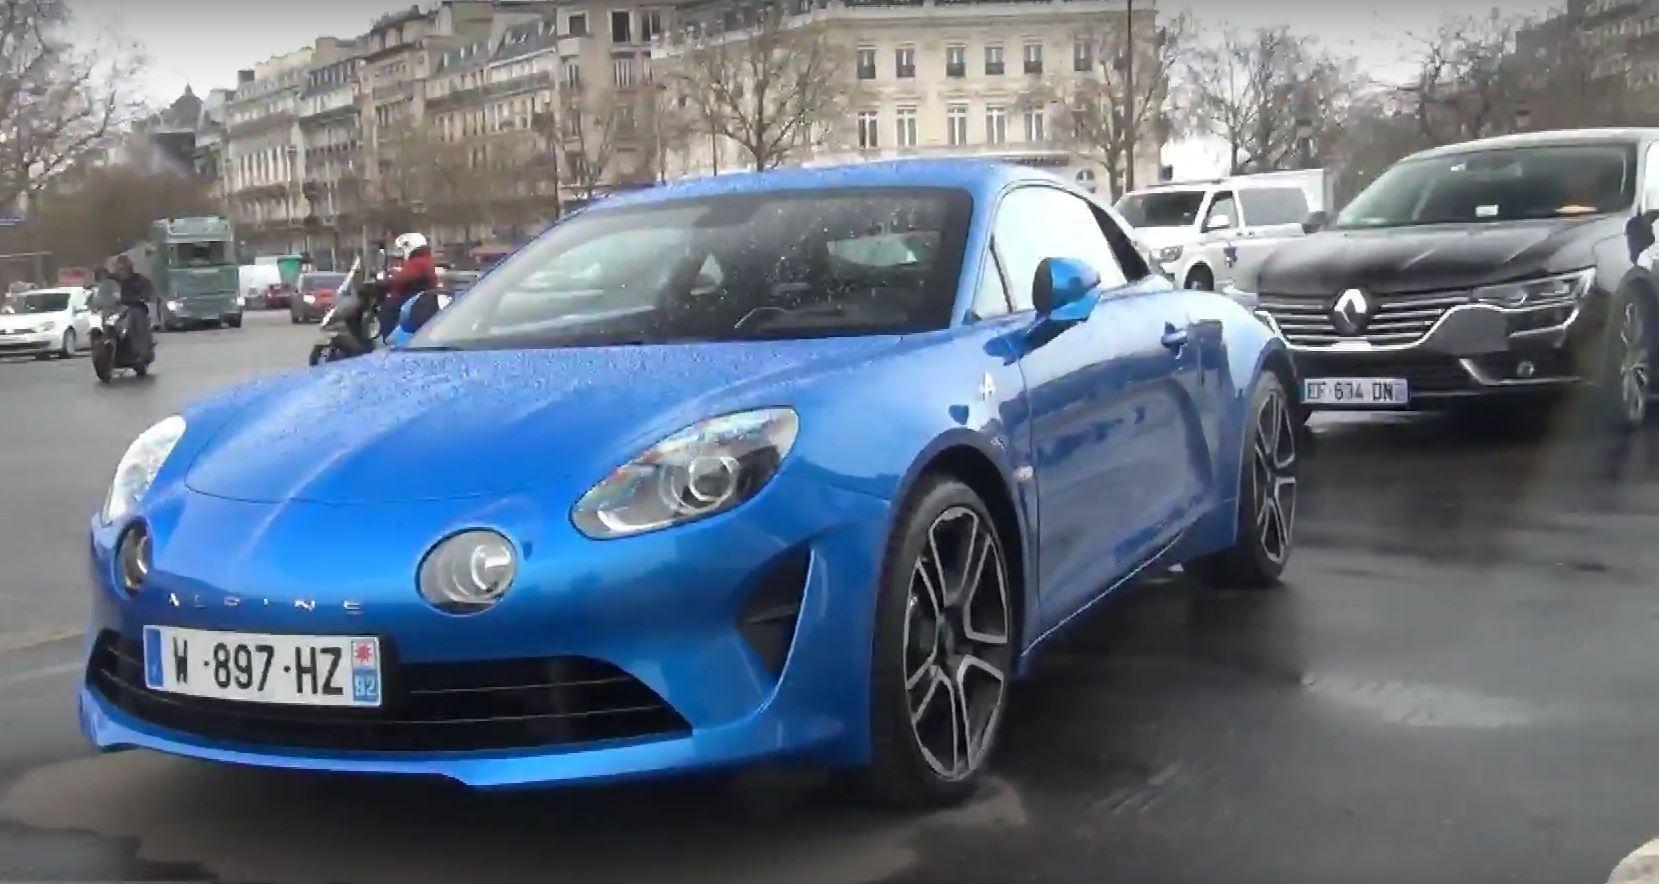 Alpine A110轿跑实车现身巴黎街头 街拍亮相